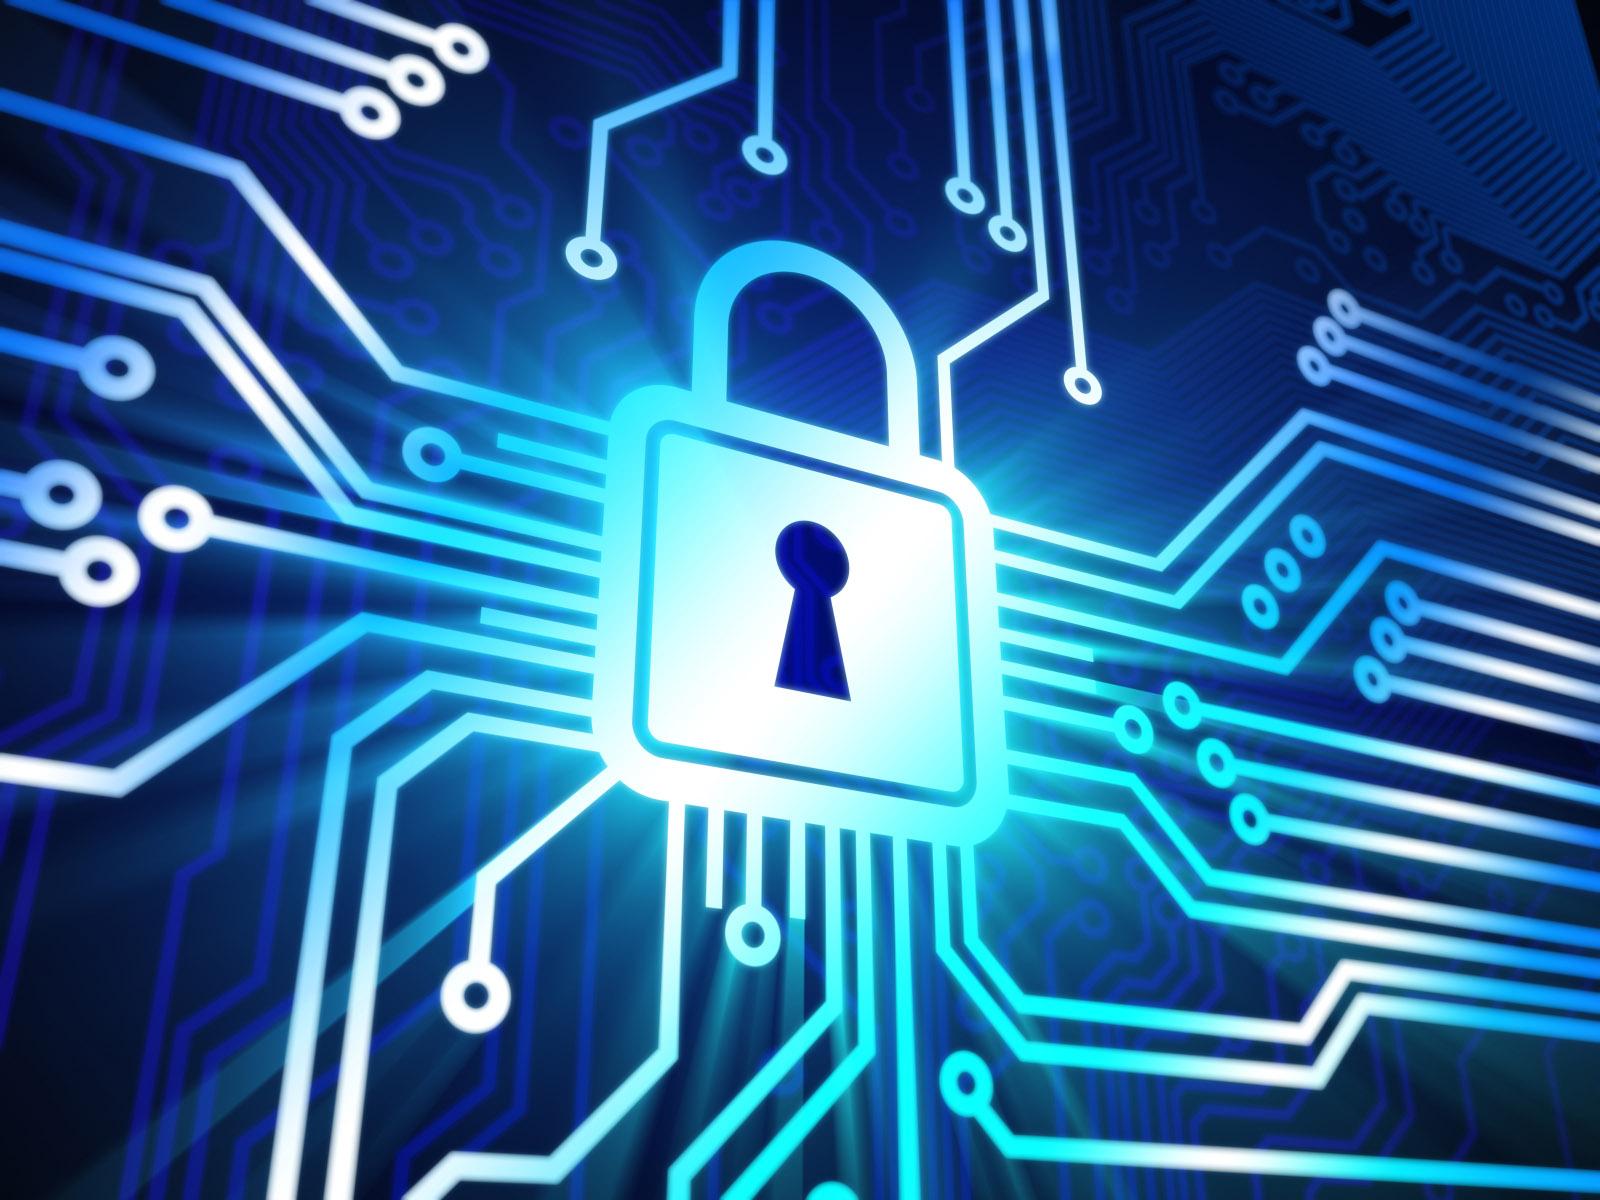 Certificado Digital já movimenta mais de R$ 6 trilhões ao ano